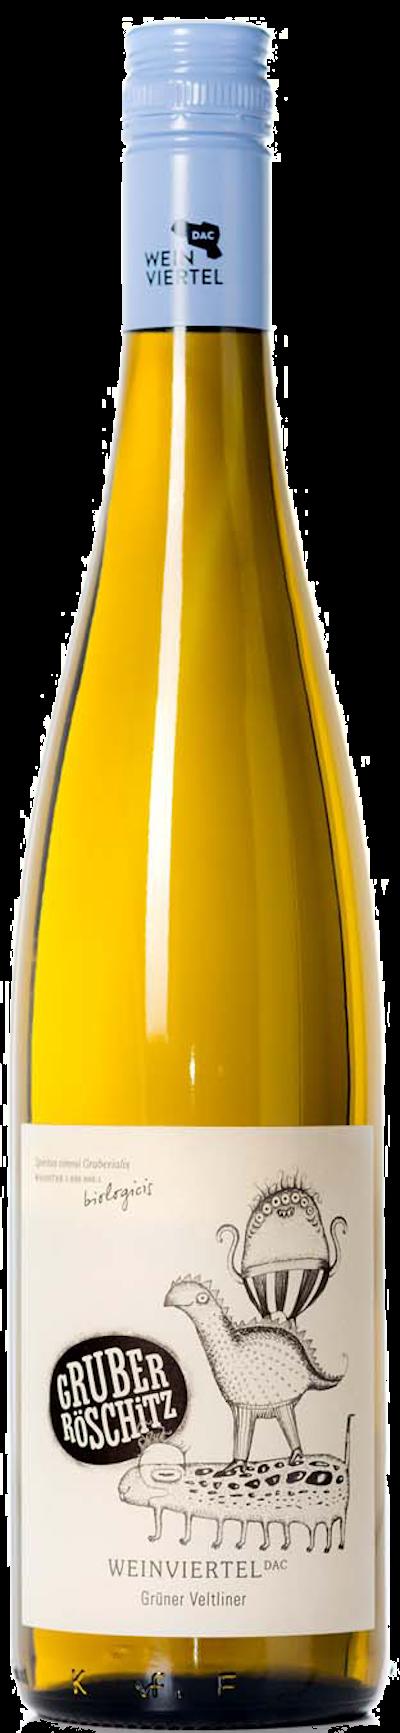 Gruber Röschitz - Grüner Veltliner Röschitz Weinviertel DAC bio